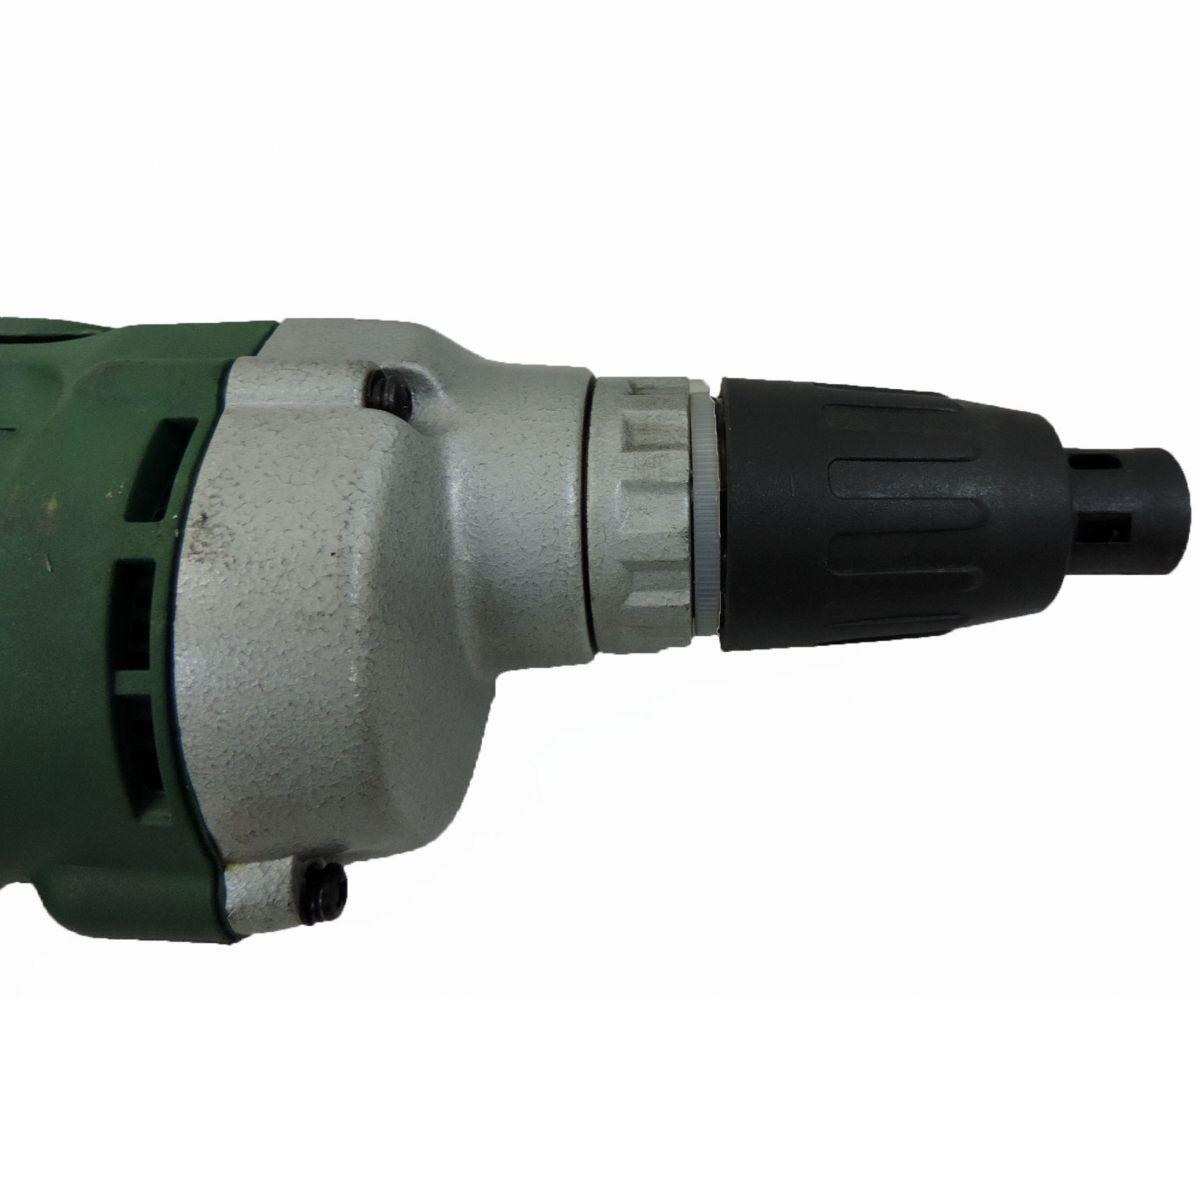 Parafusadeira P/ Gesso 127v Modelo Pg-500 Awt - Nova